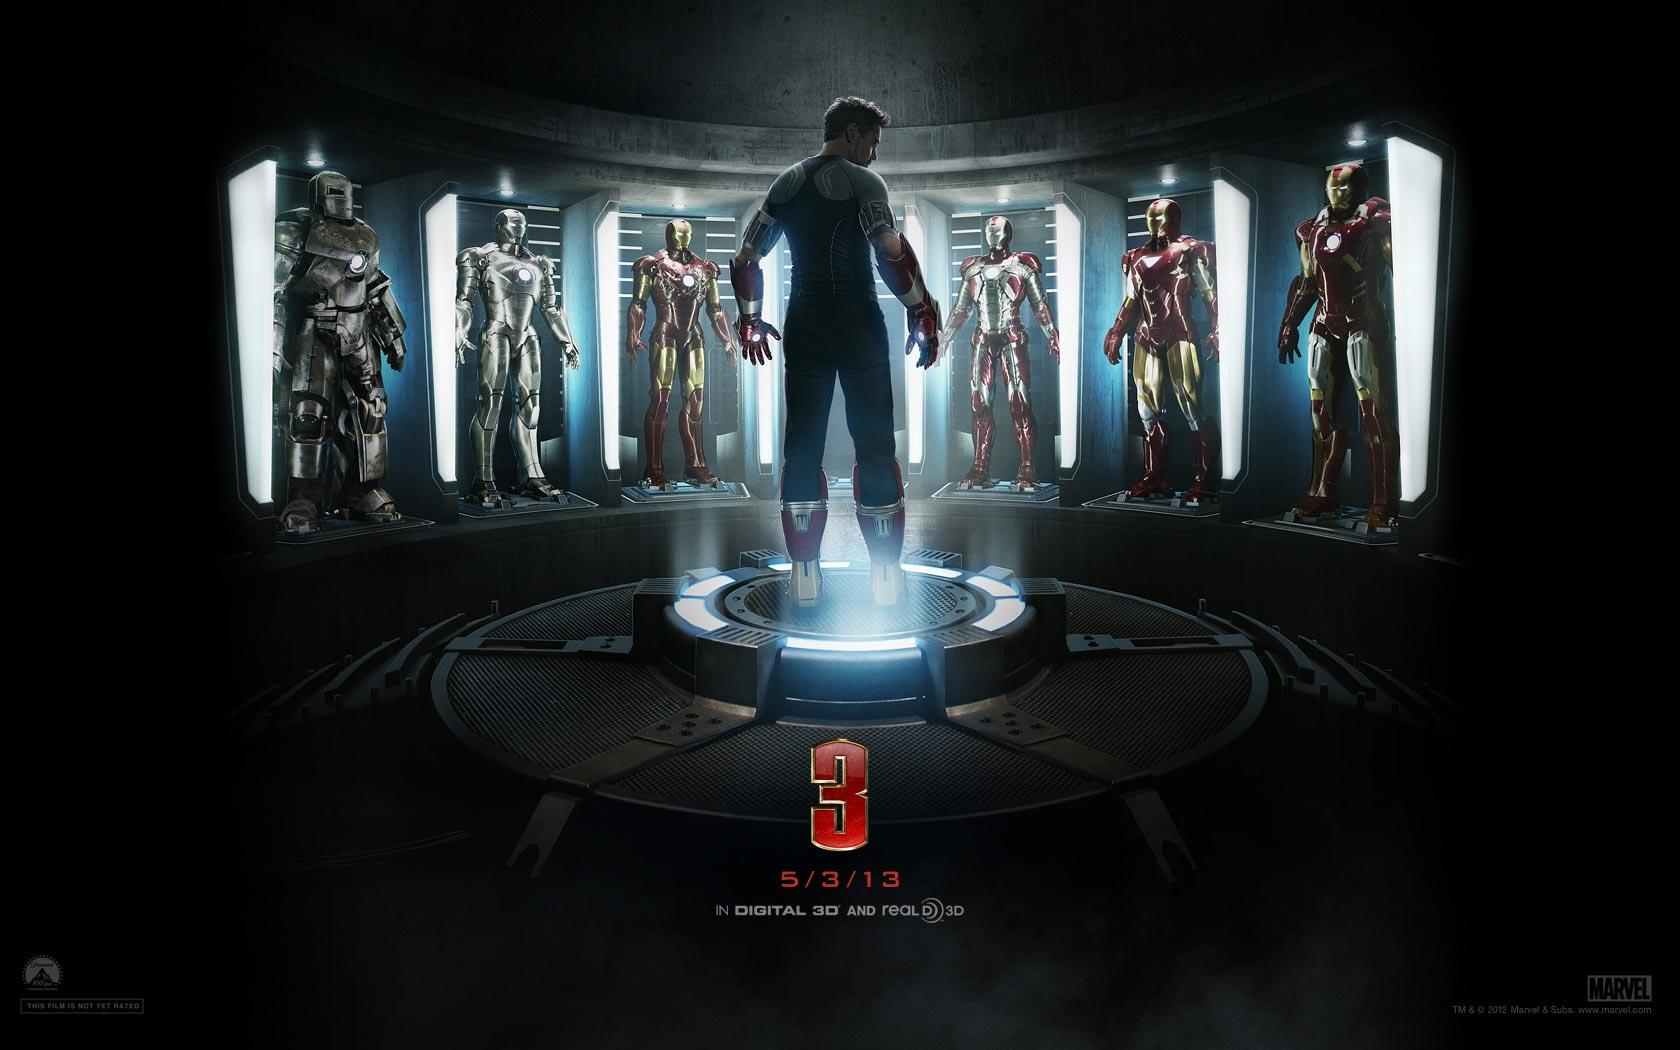 วอลล์เปเปอร์งามๆ 4 แบบจาก IRON MAN 3 (ไอรอนแมน มหาประลัยคนเกราะเหล็ก)